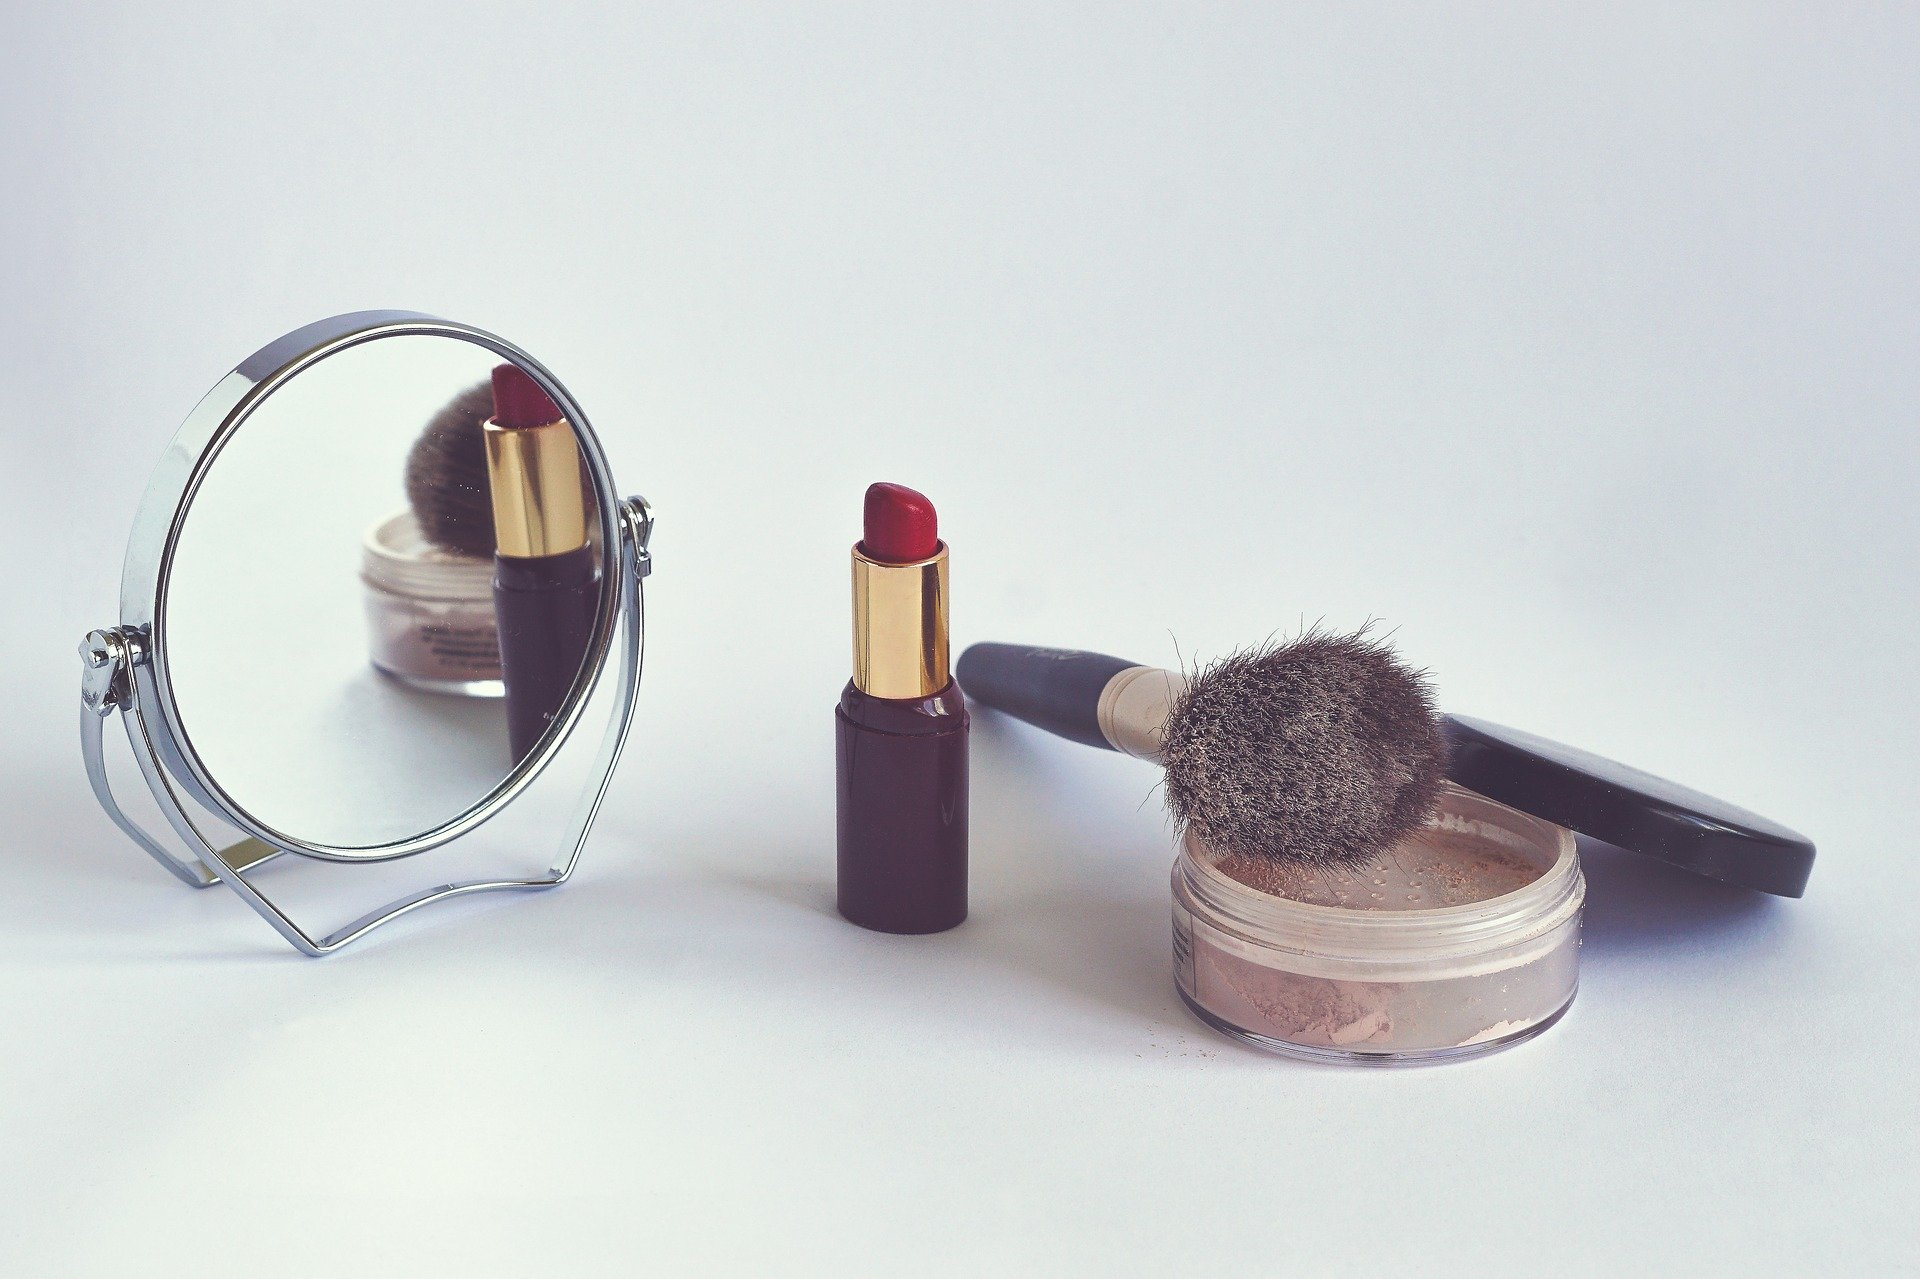 Na foto um batom vermelho, um iluminador, um pincel e um espelho.